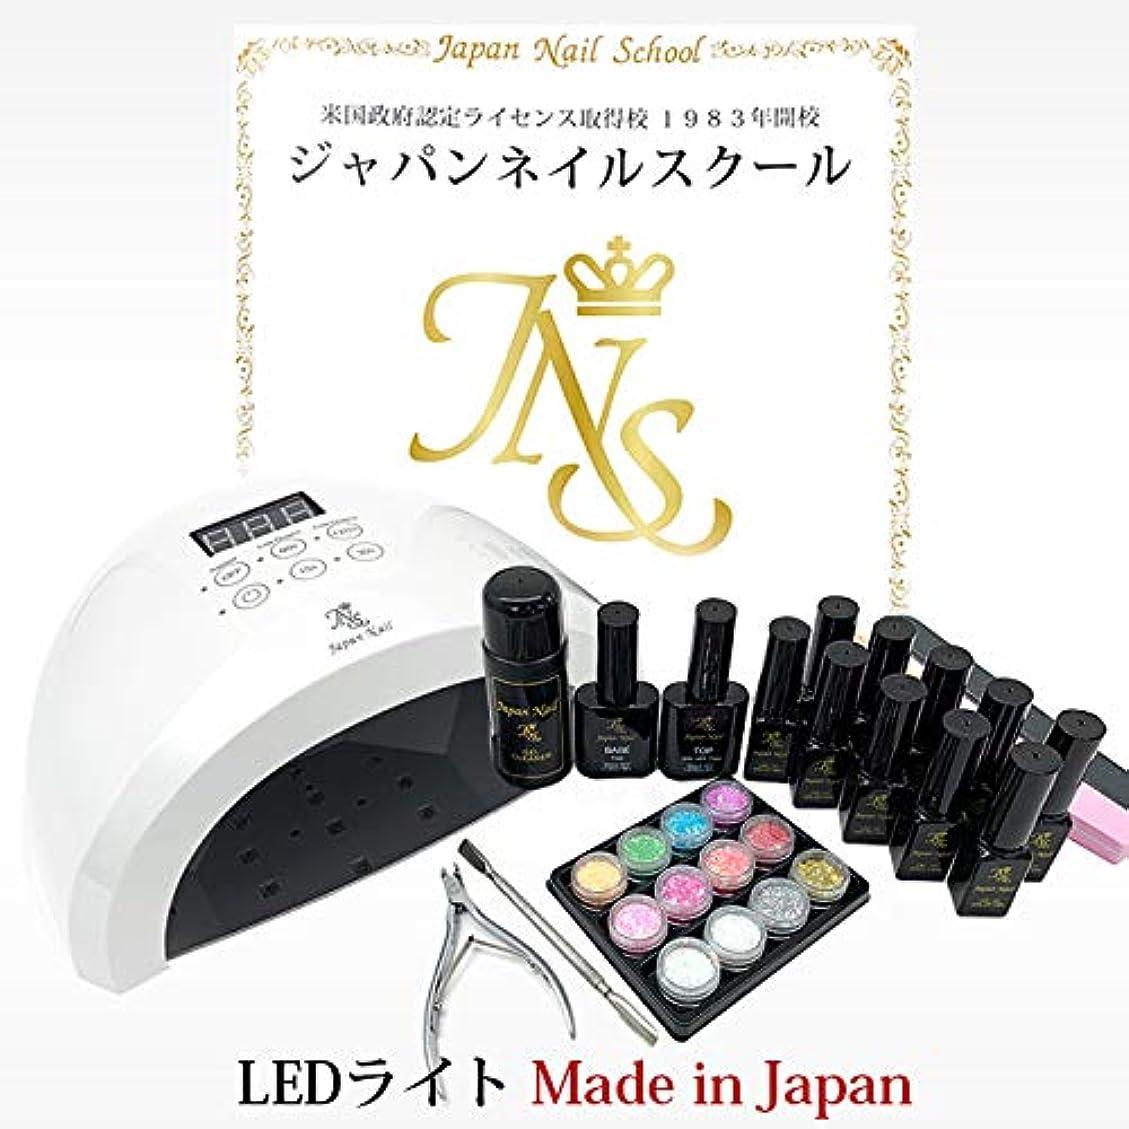 違法原理要求する弱爪?傷爪でも熱くない2つのローダウン機能搭載ジェルネイルキット最新型日本製LEDライトn7初心者も安心の5年間サポート付